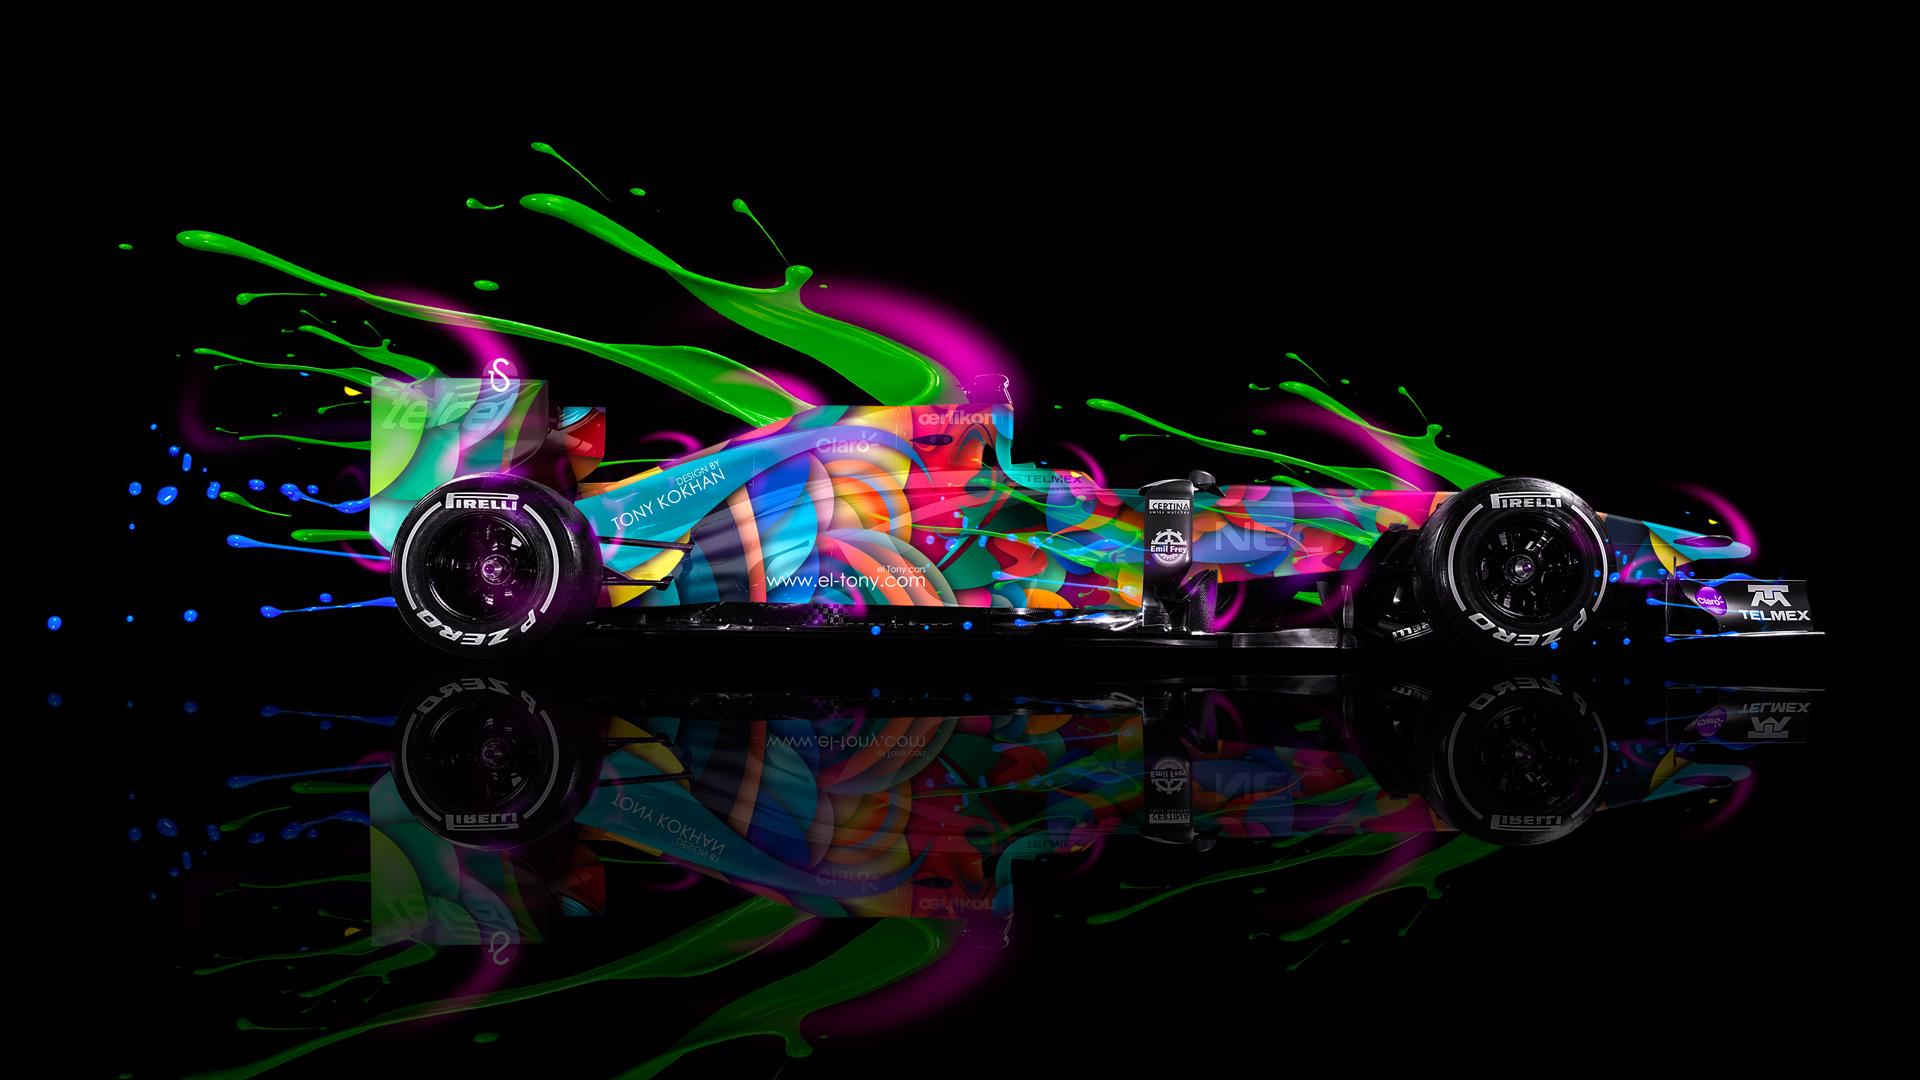 F1 Formula 1 Live Colors Car 2014 Multicolors Hd Wallpapers Hd Wallpaper F1 1920x1080 Download Hd Wallpaper Wallpapertip